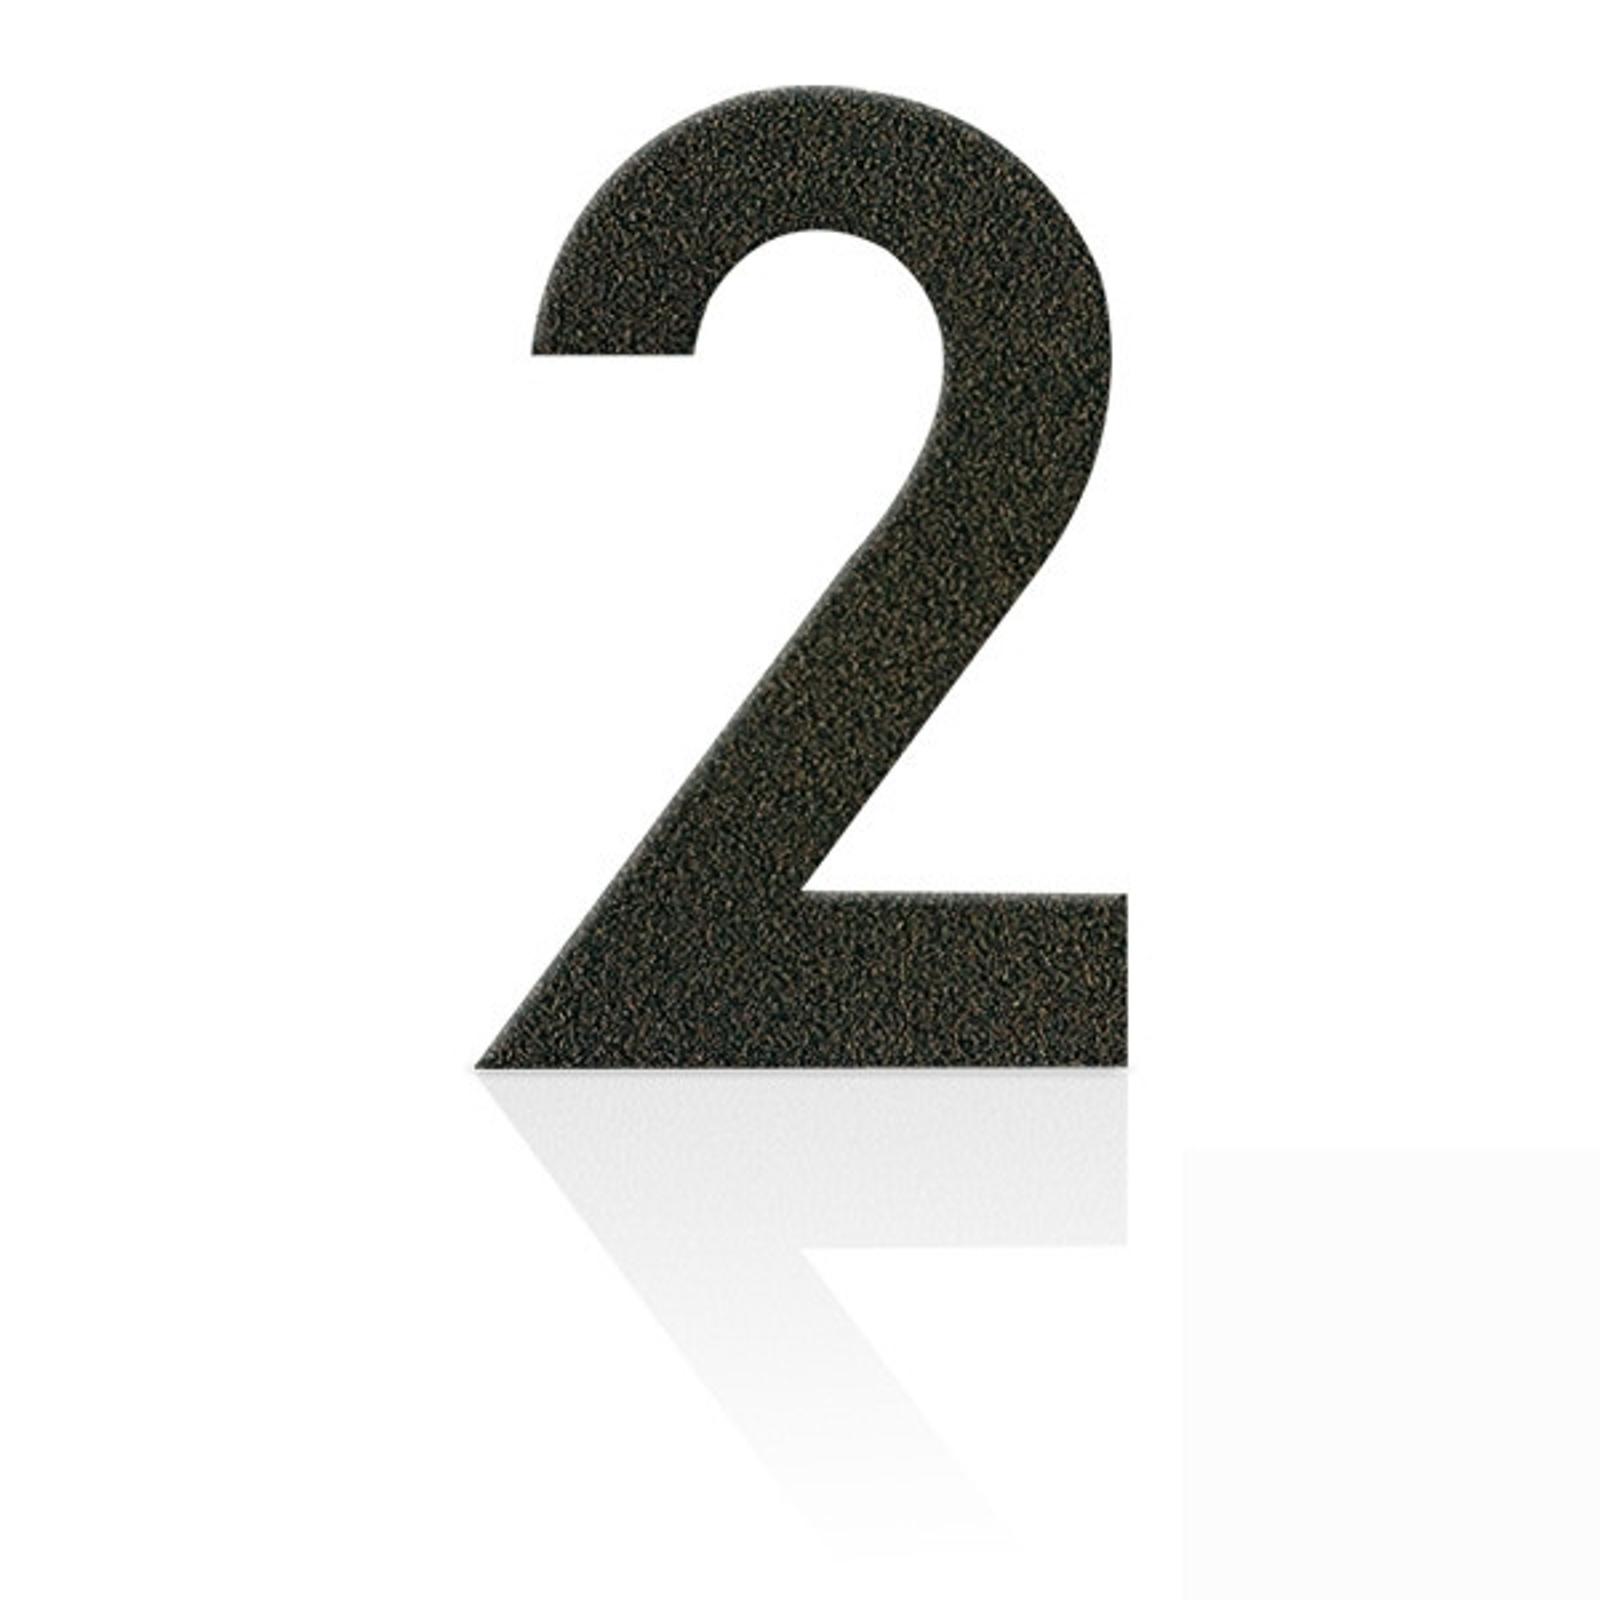 Produktové foto Heibi Nerezová domovní čísla číslice 2, hnědá mocca